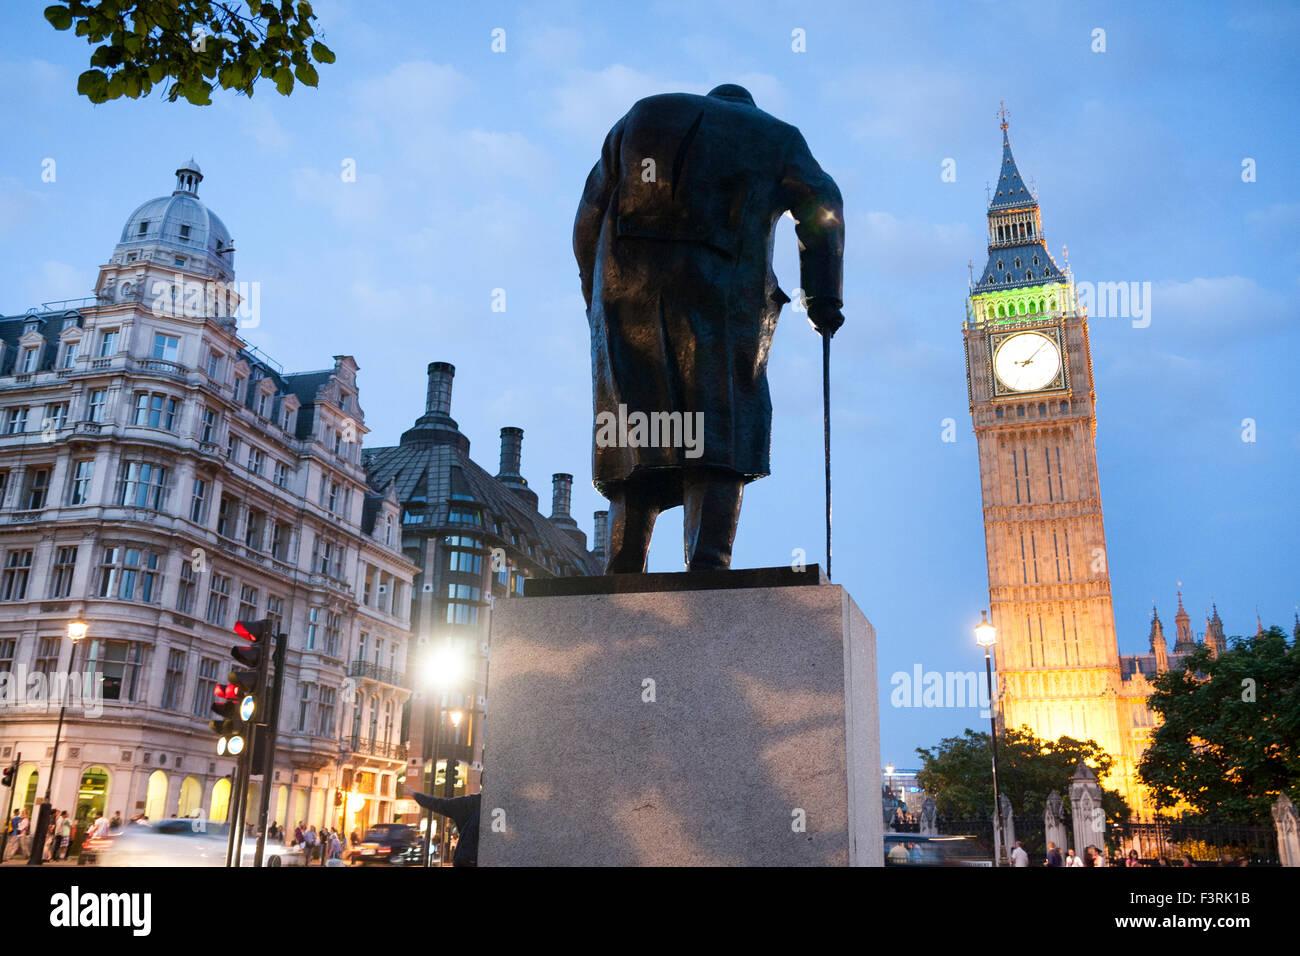 El Big Ben y la estatua de Winston Churchill, Westminster, Londres, Reino Unido. Imagen De Stock